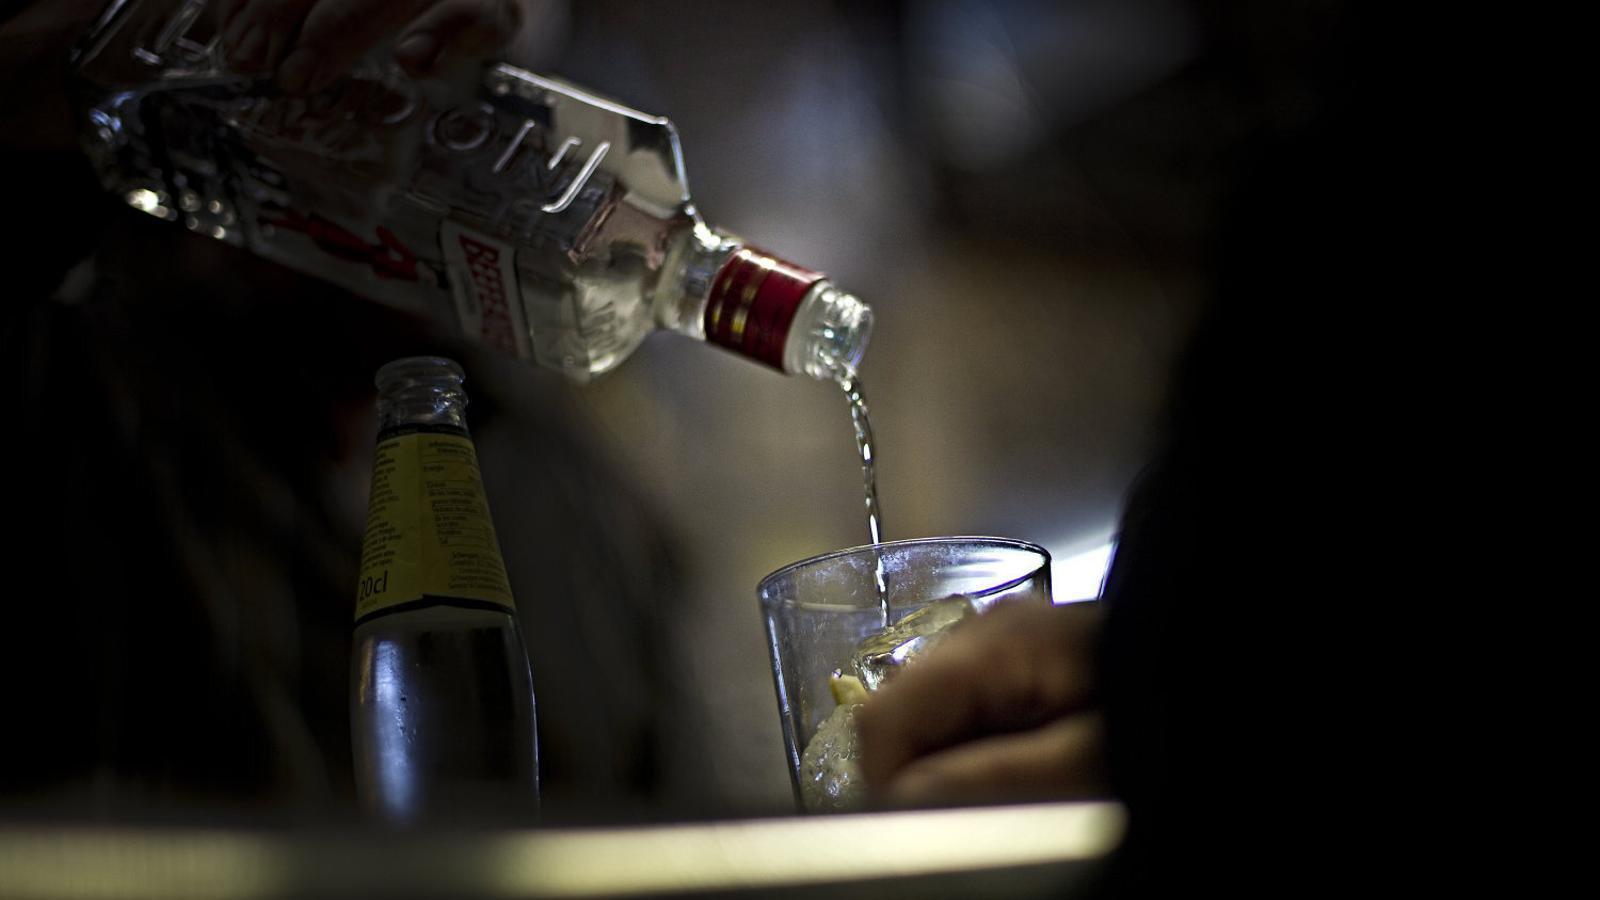 La unitat pública de desintoxicació d'alcohol, tancada des del març